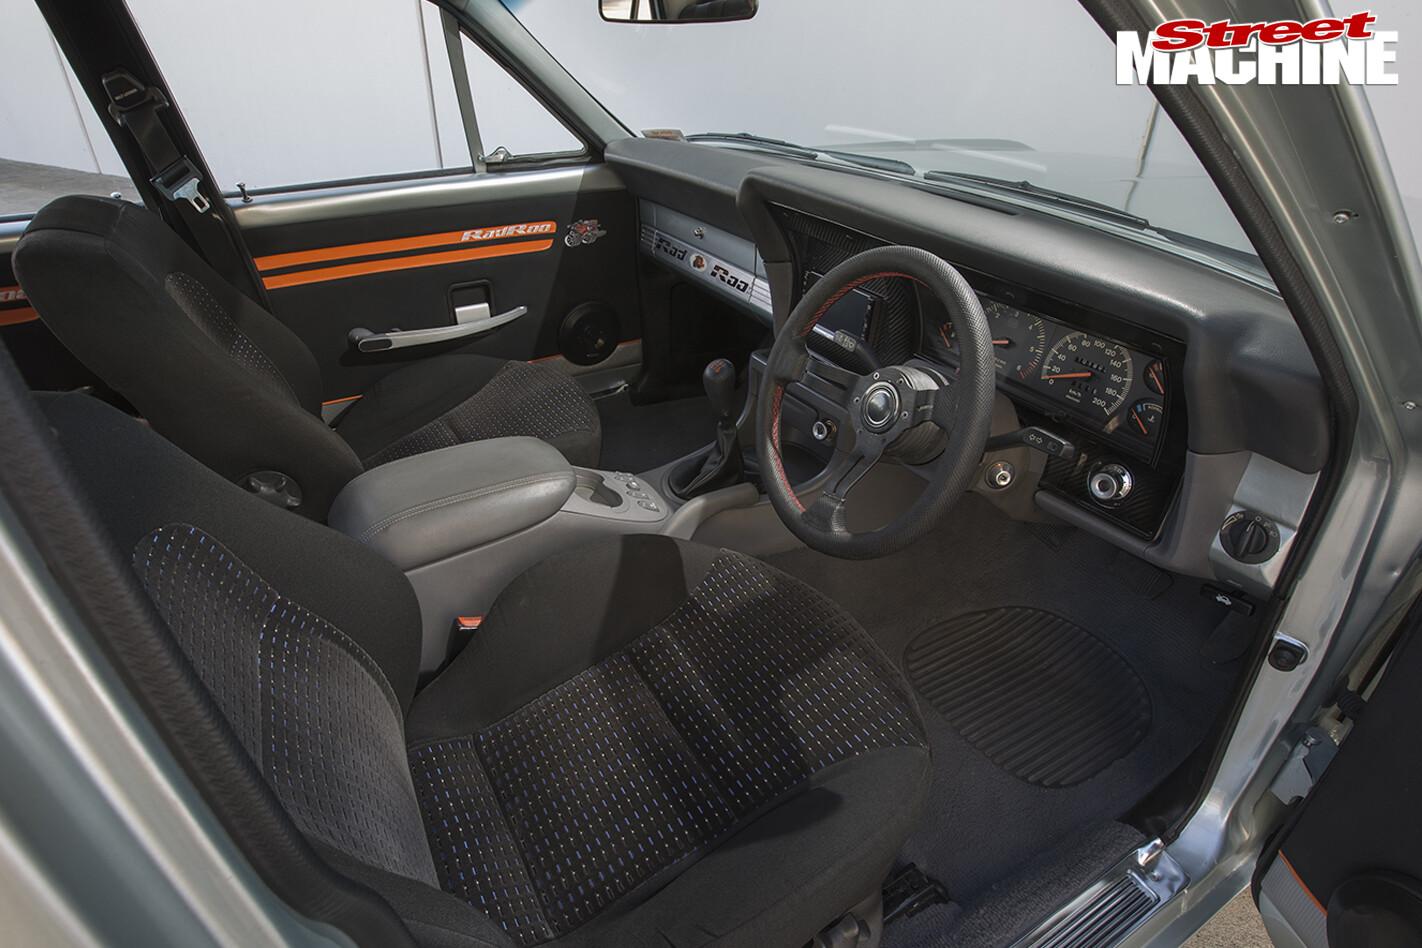 Ford -XY-Falcon -interior -front